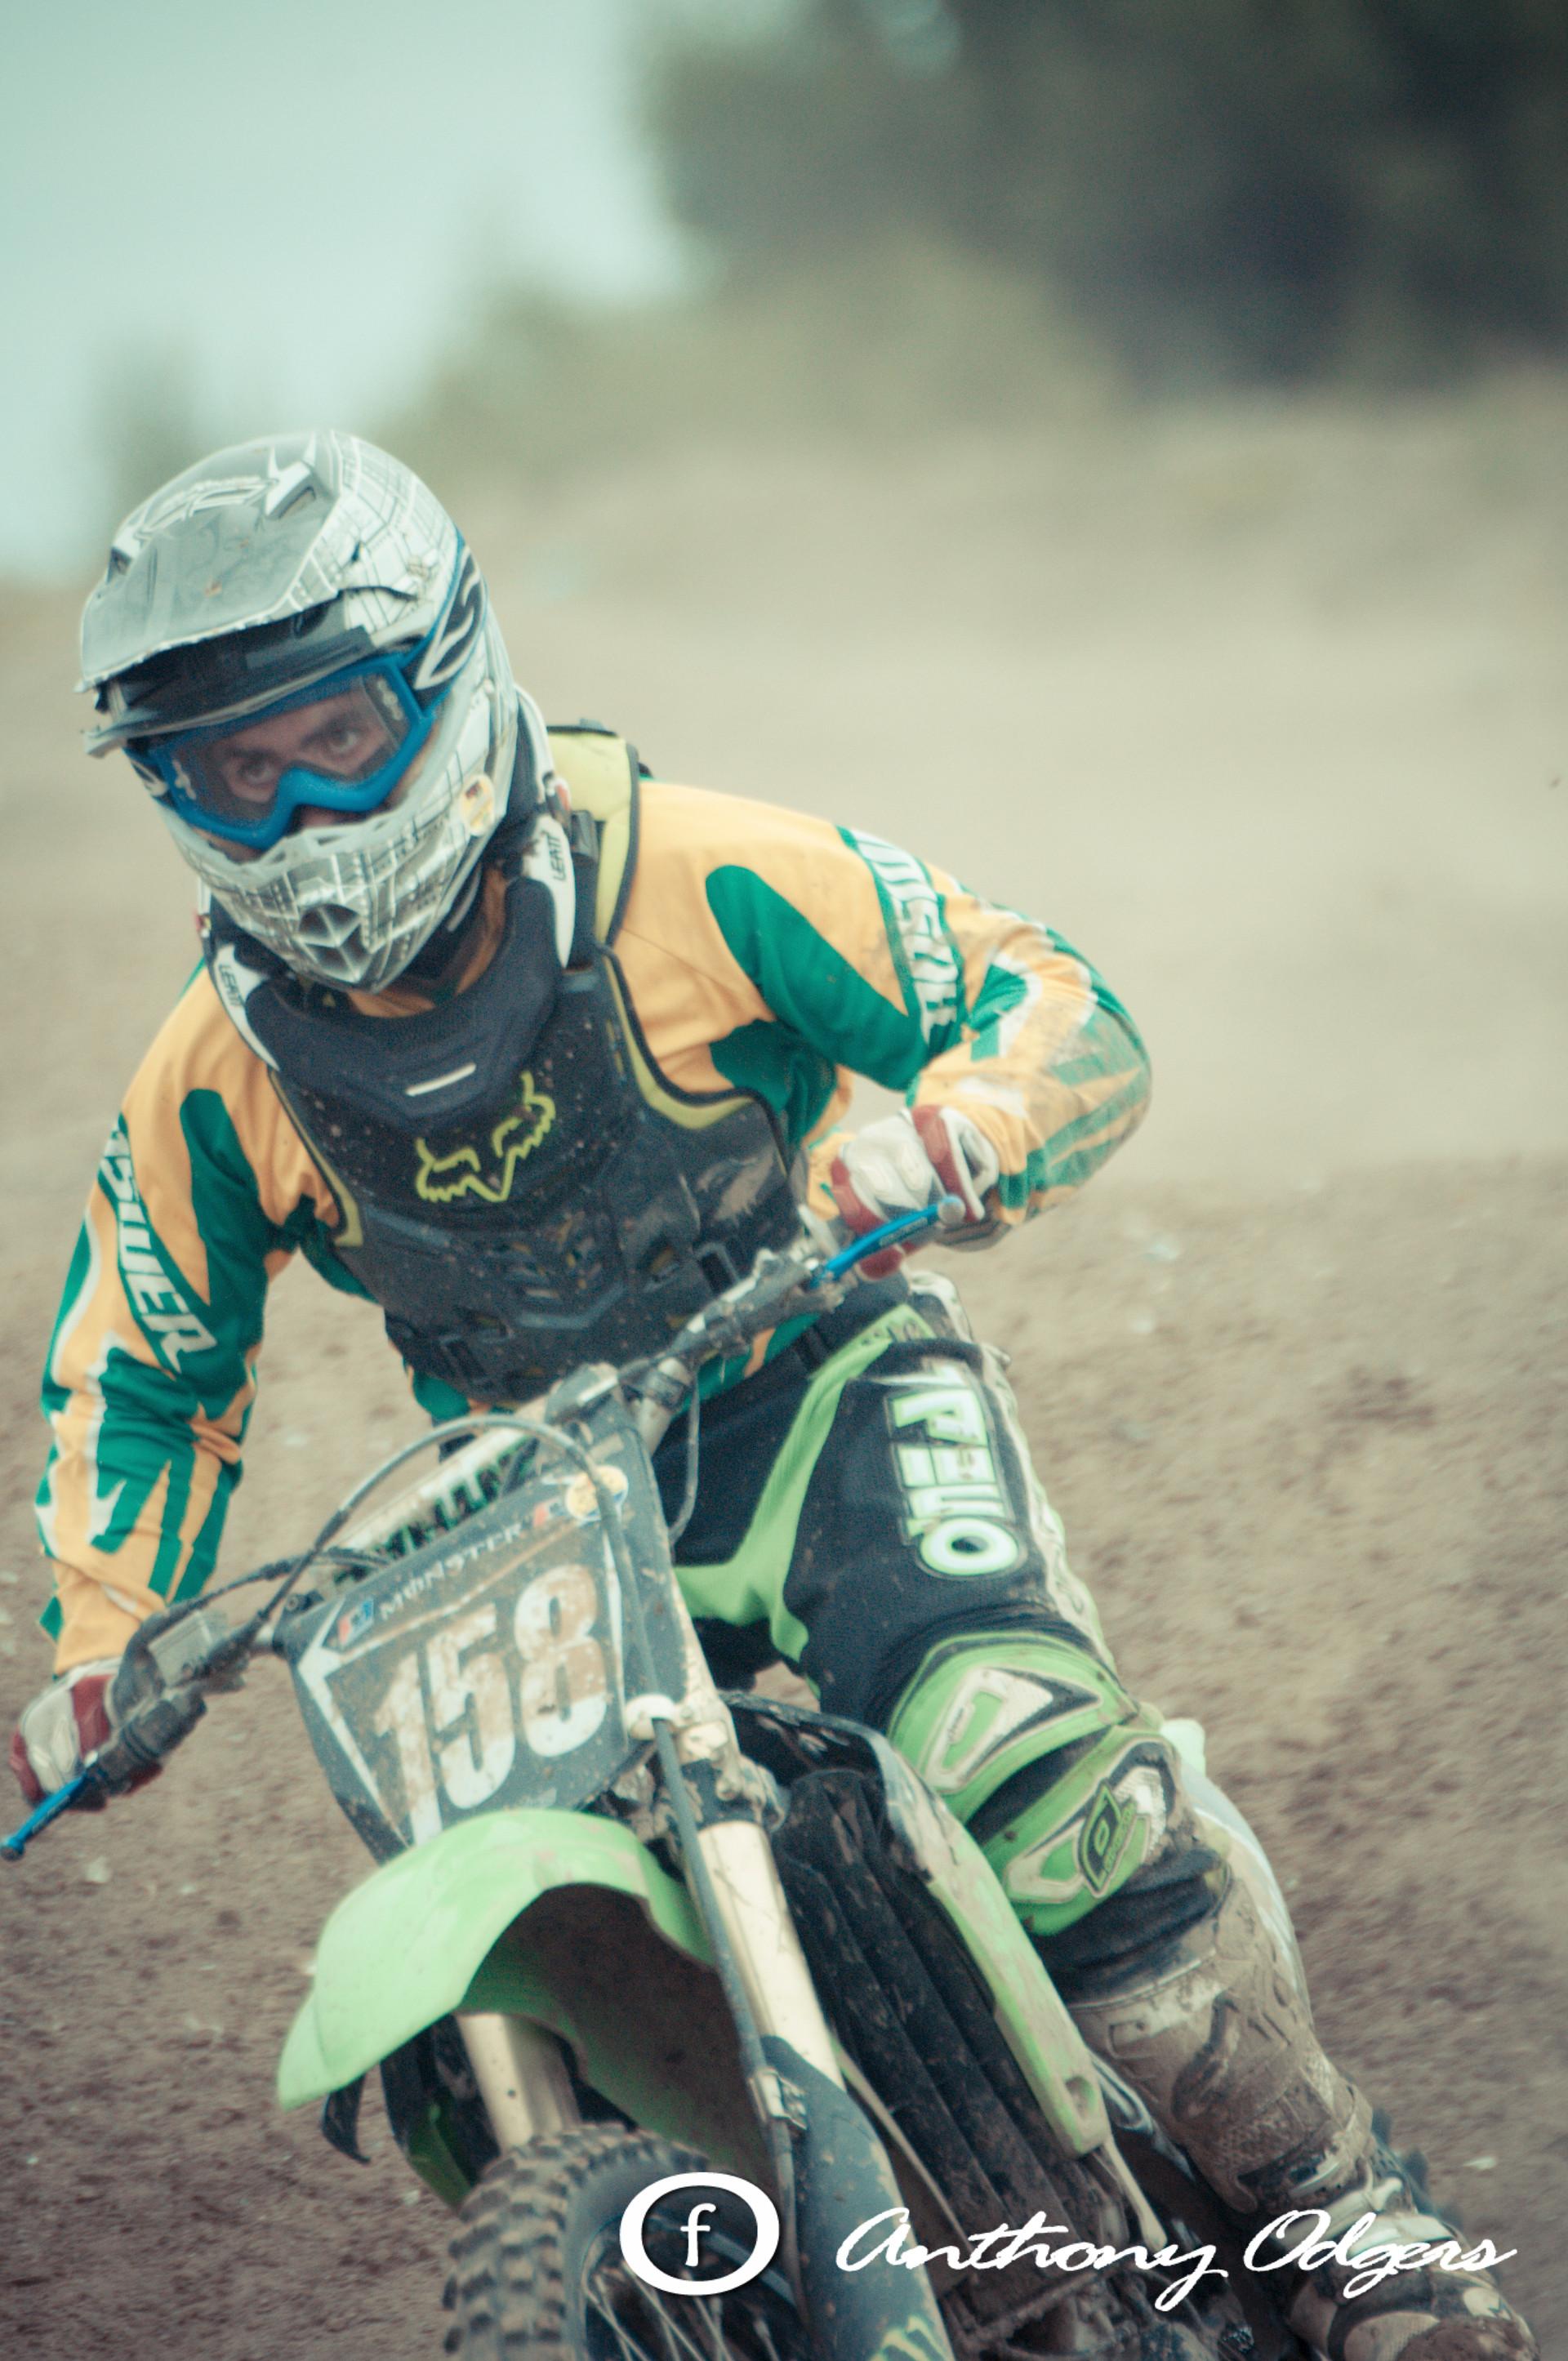 2013-01-06-Motocross Enduro-30.jpg